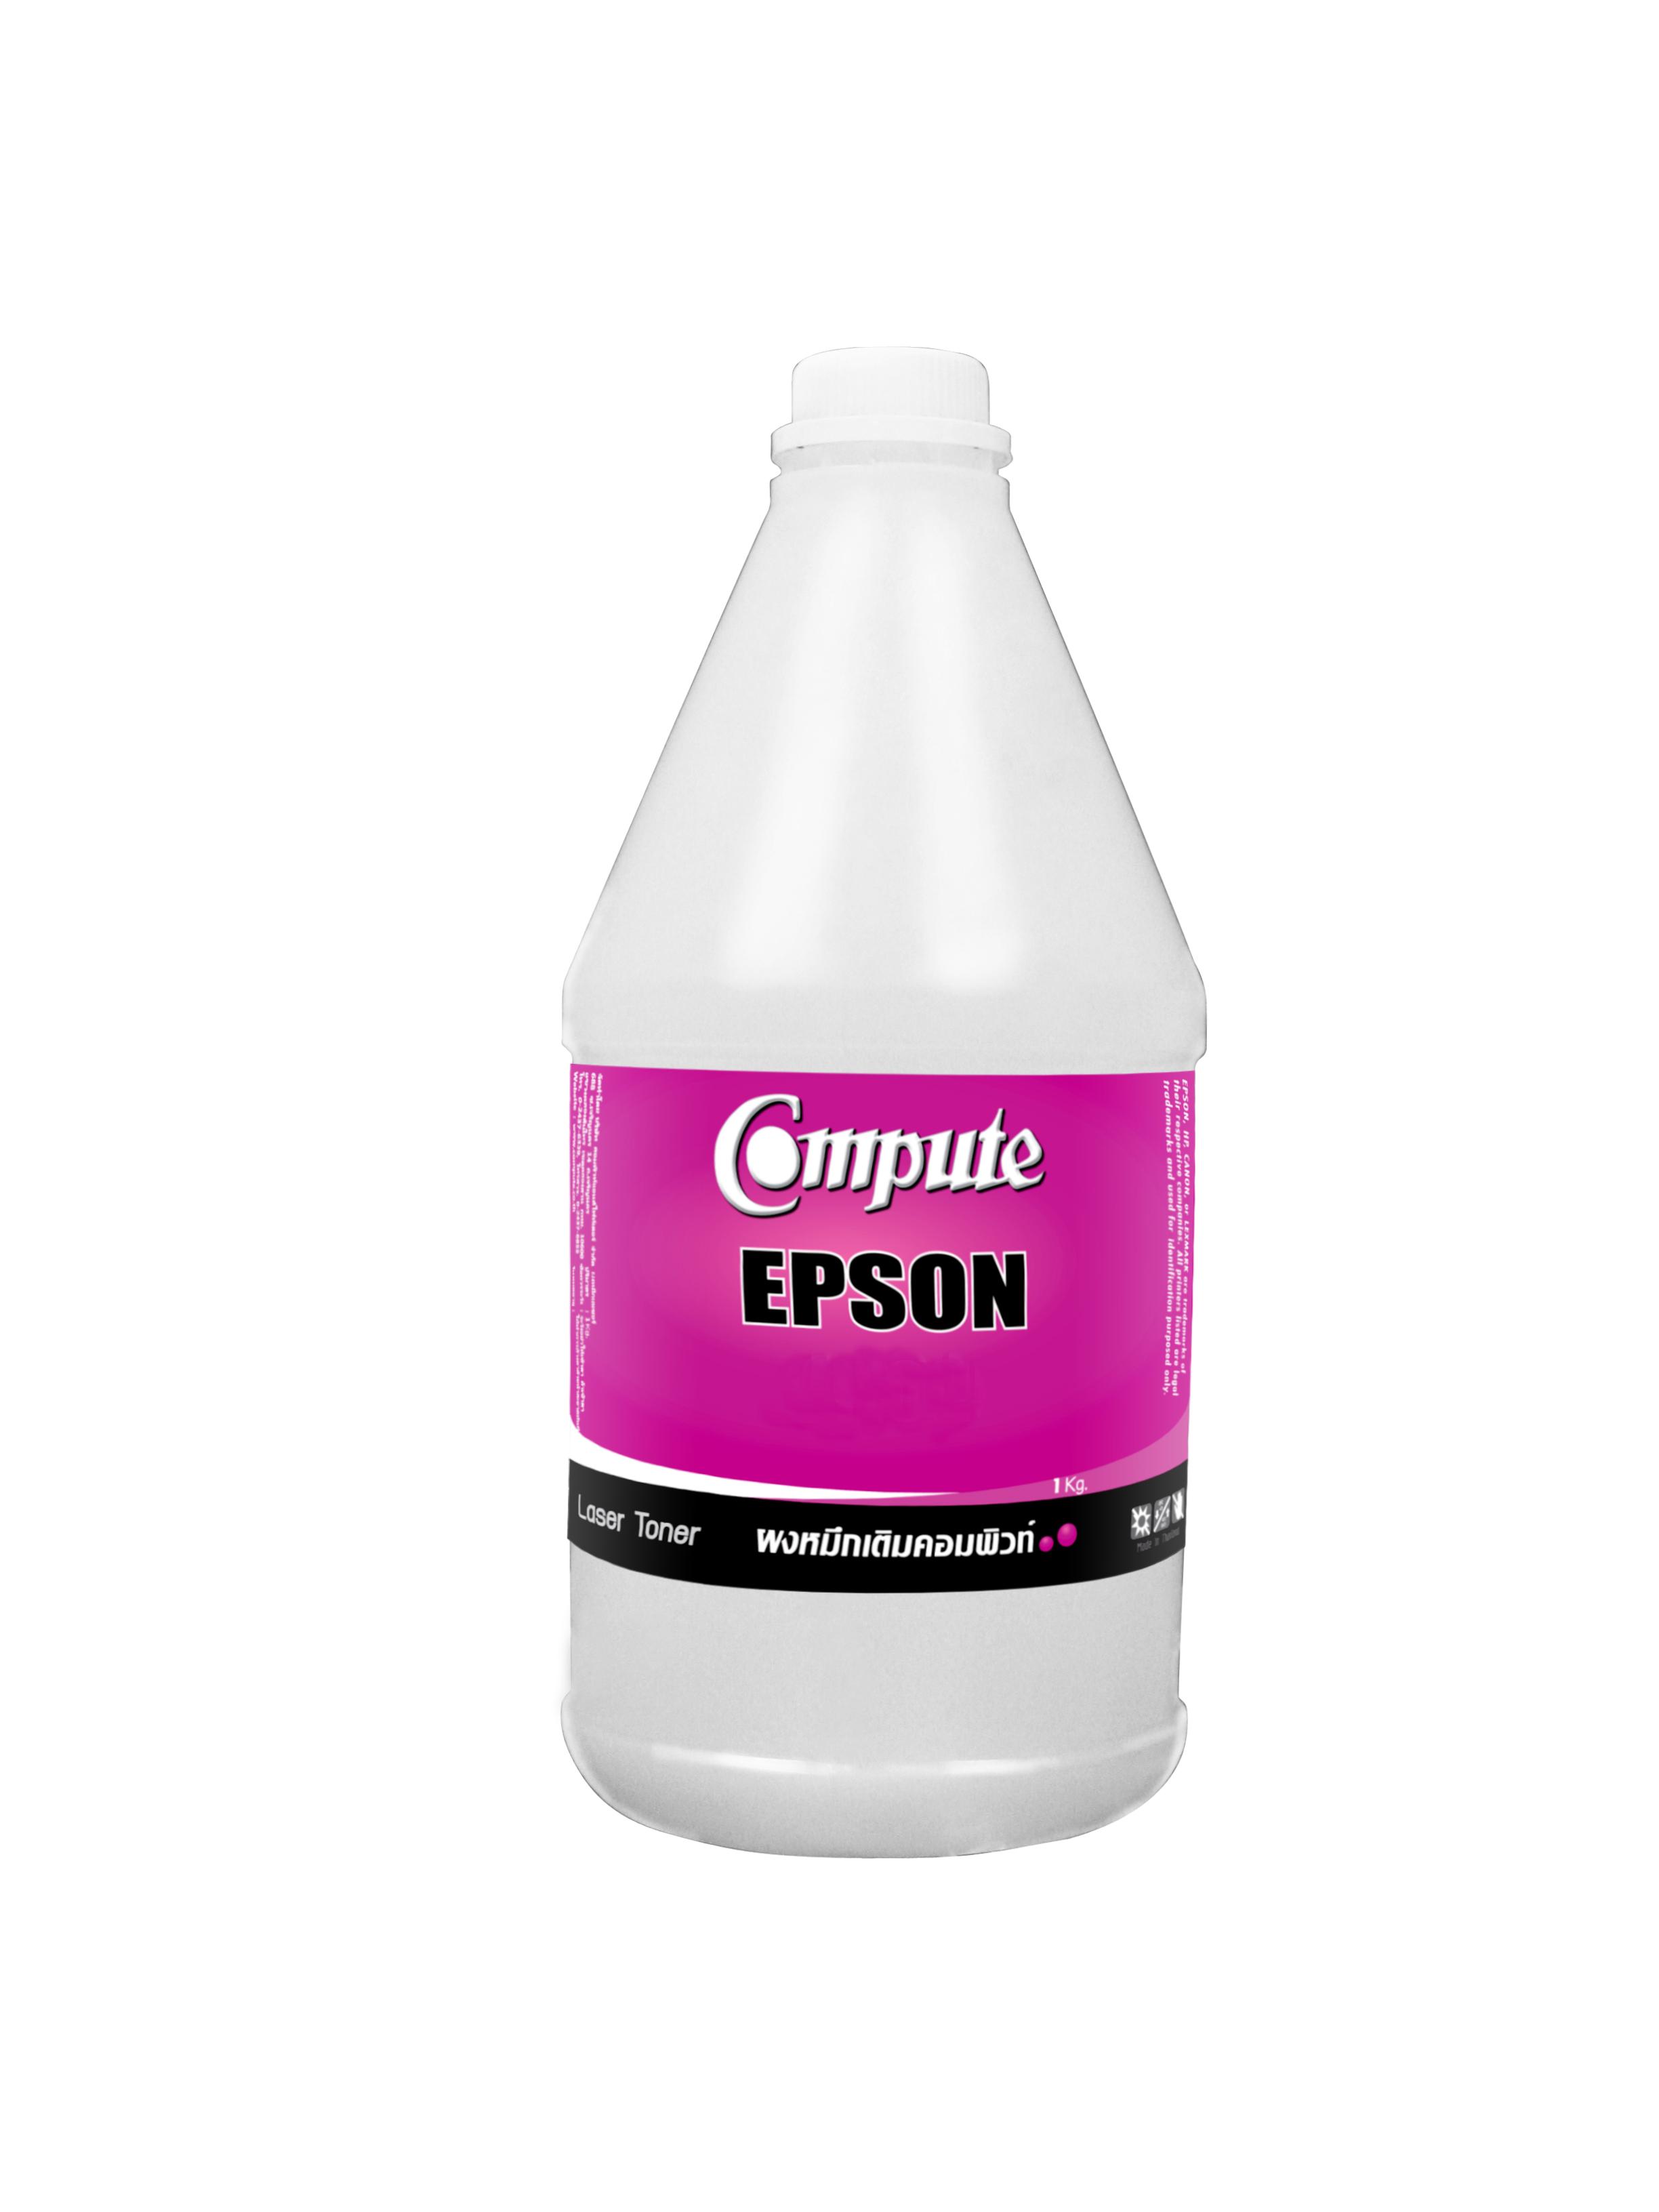 ผงหมึกเติม EPSON C13S050614 คอมพิวท์ (Refill Toner) สีดำ (Black) 1 กิโลกรัม